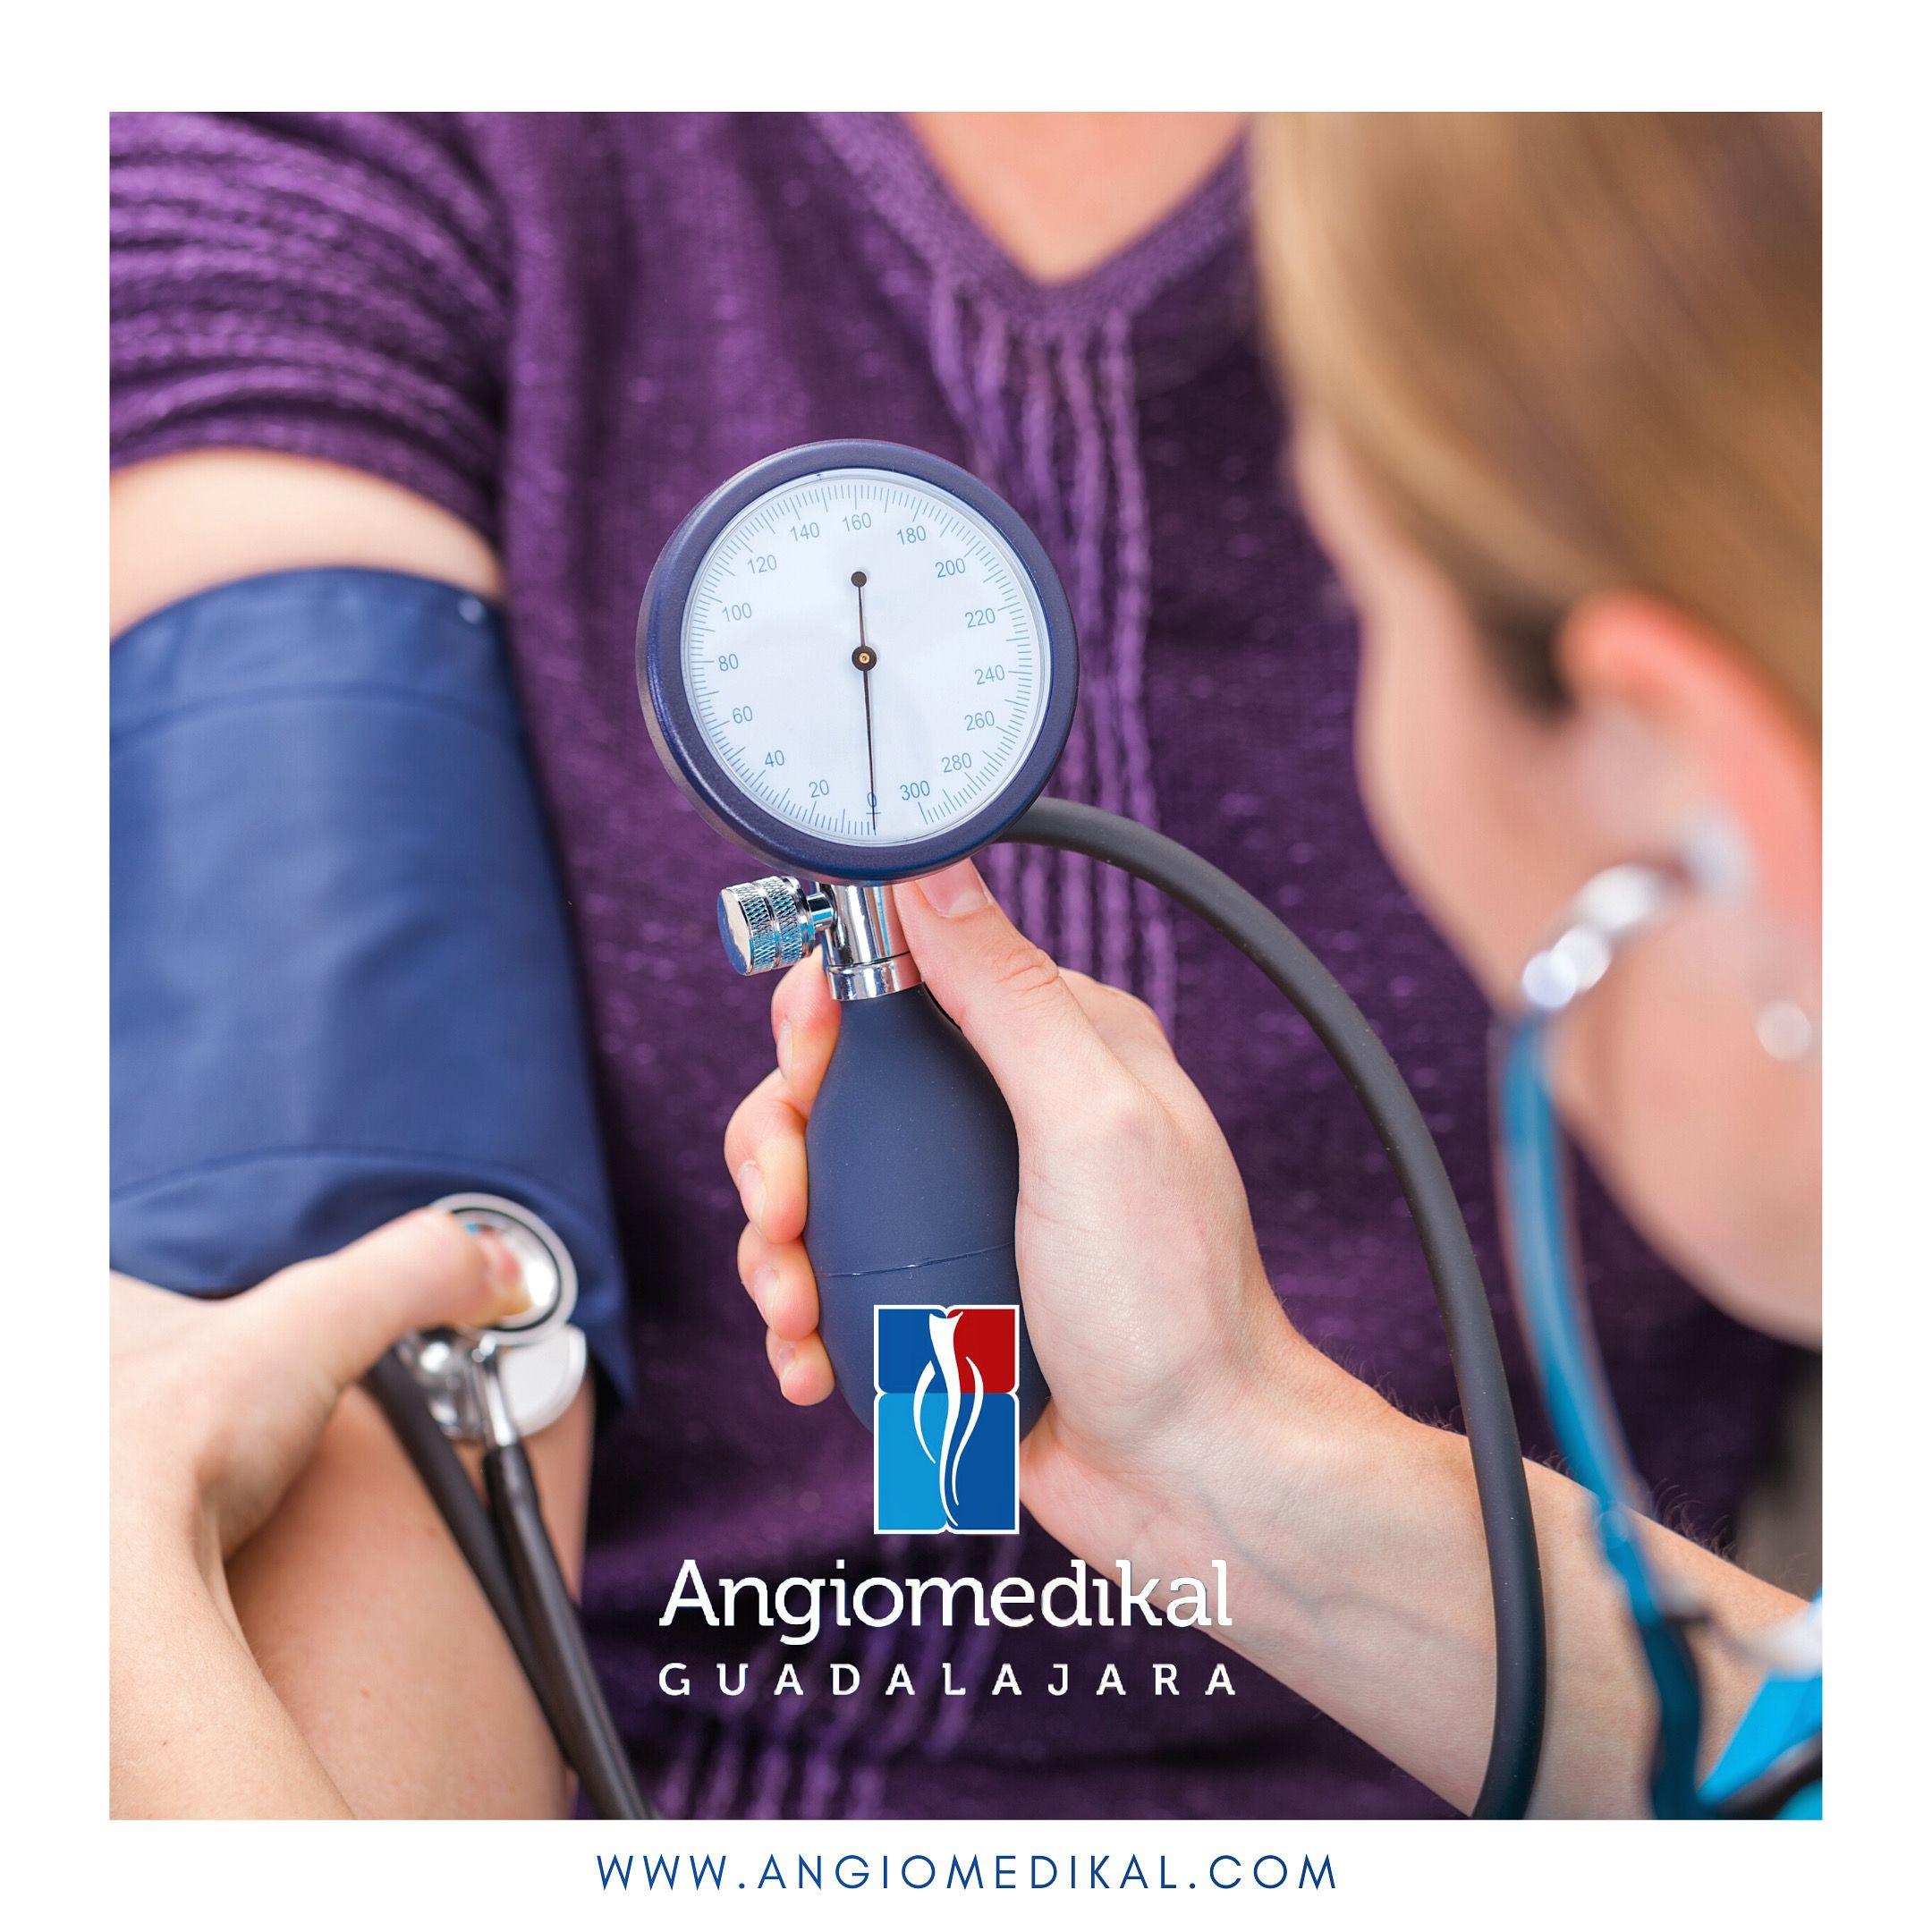 Hipertensión arterial en la mañana y en la noche